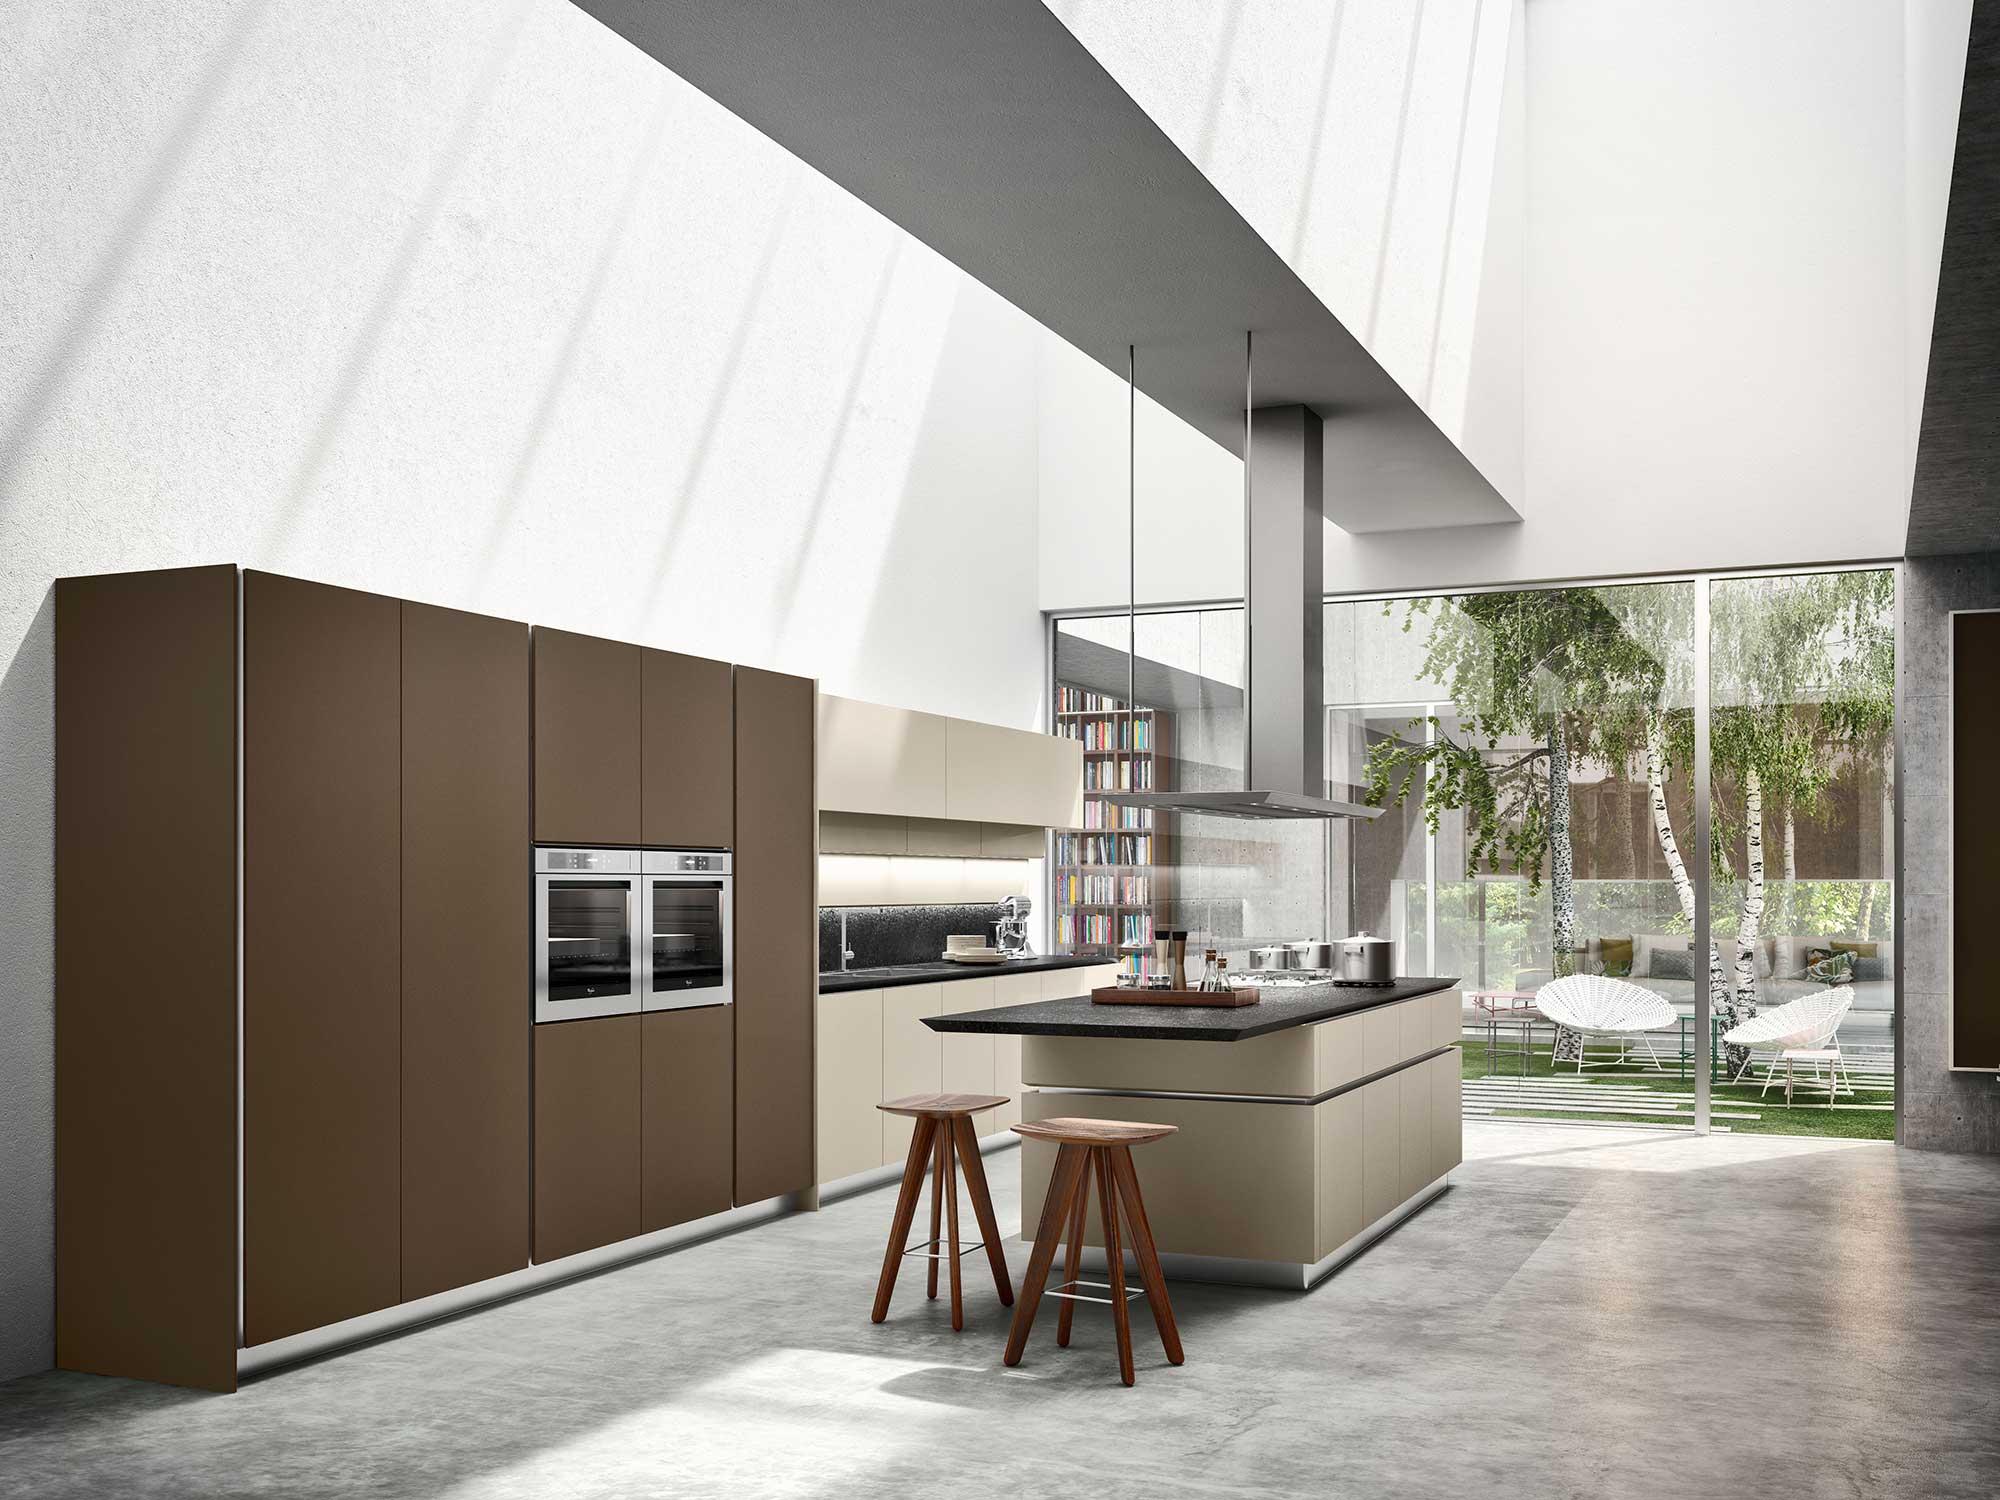 Cucina Snaidero mod. Idea - Riva - Architettura d\'Interni